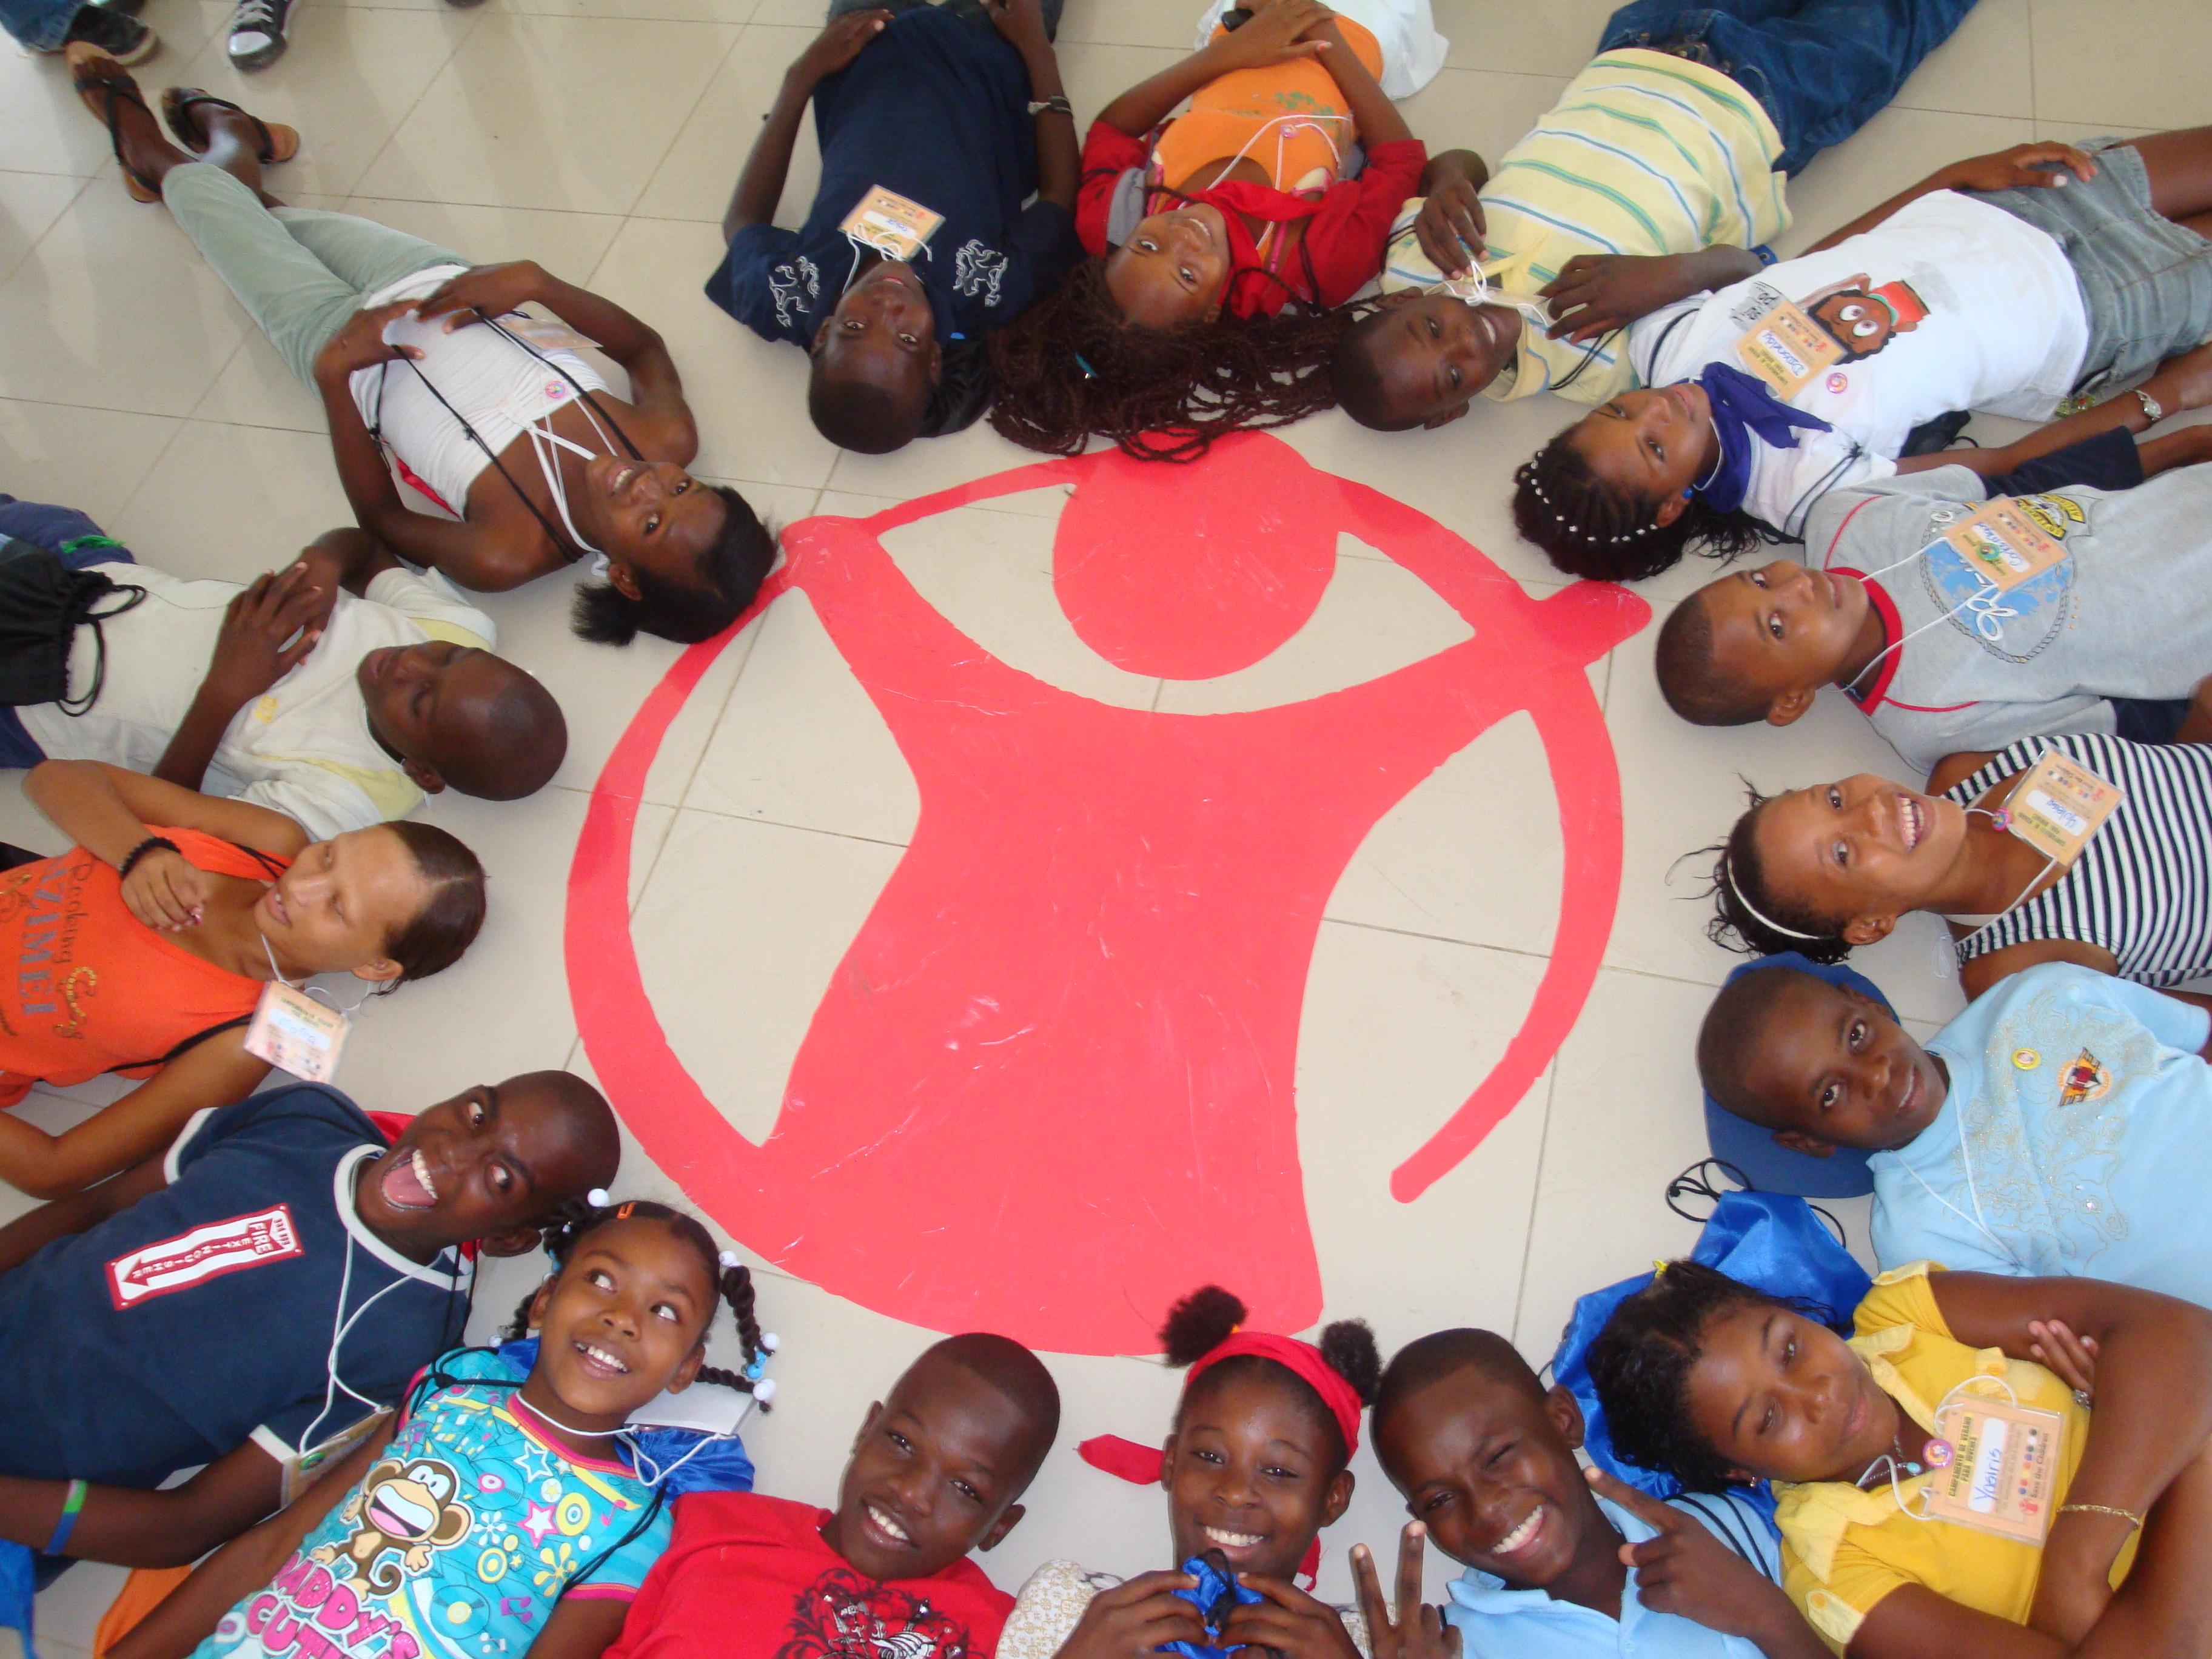 Save the Children Dominicana - DominicanaSolidaria org